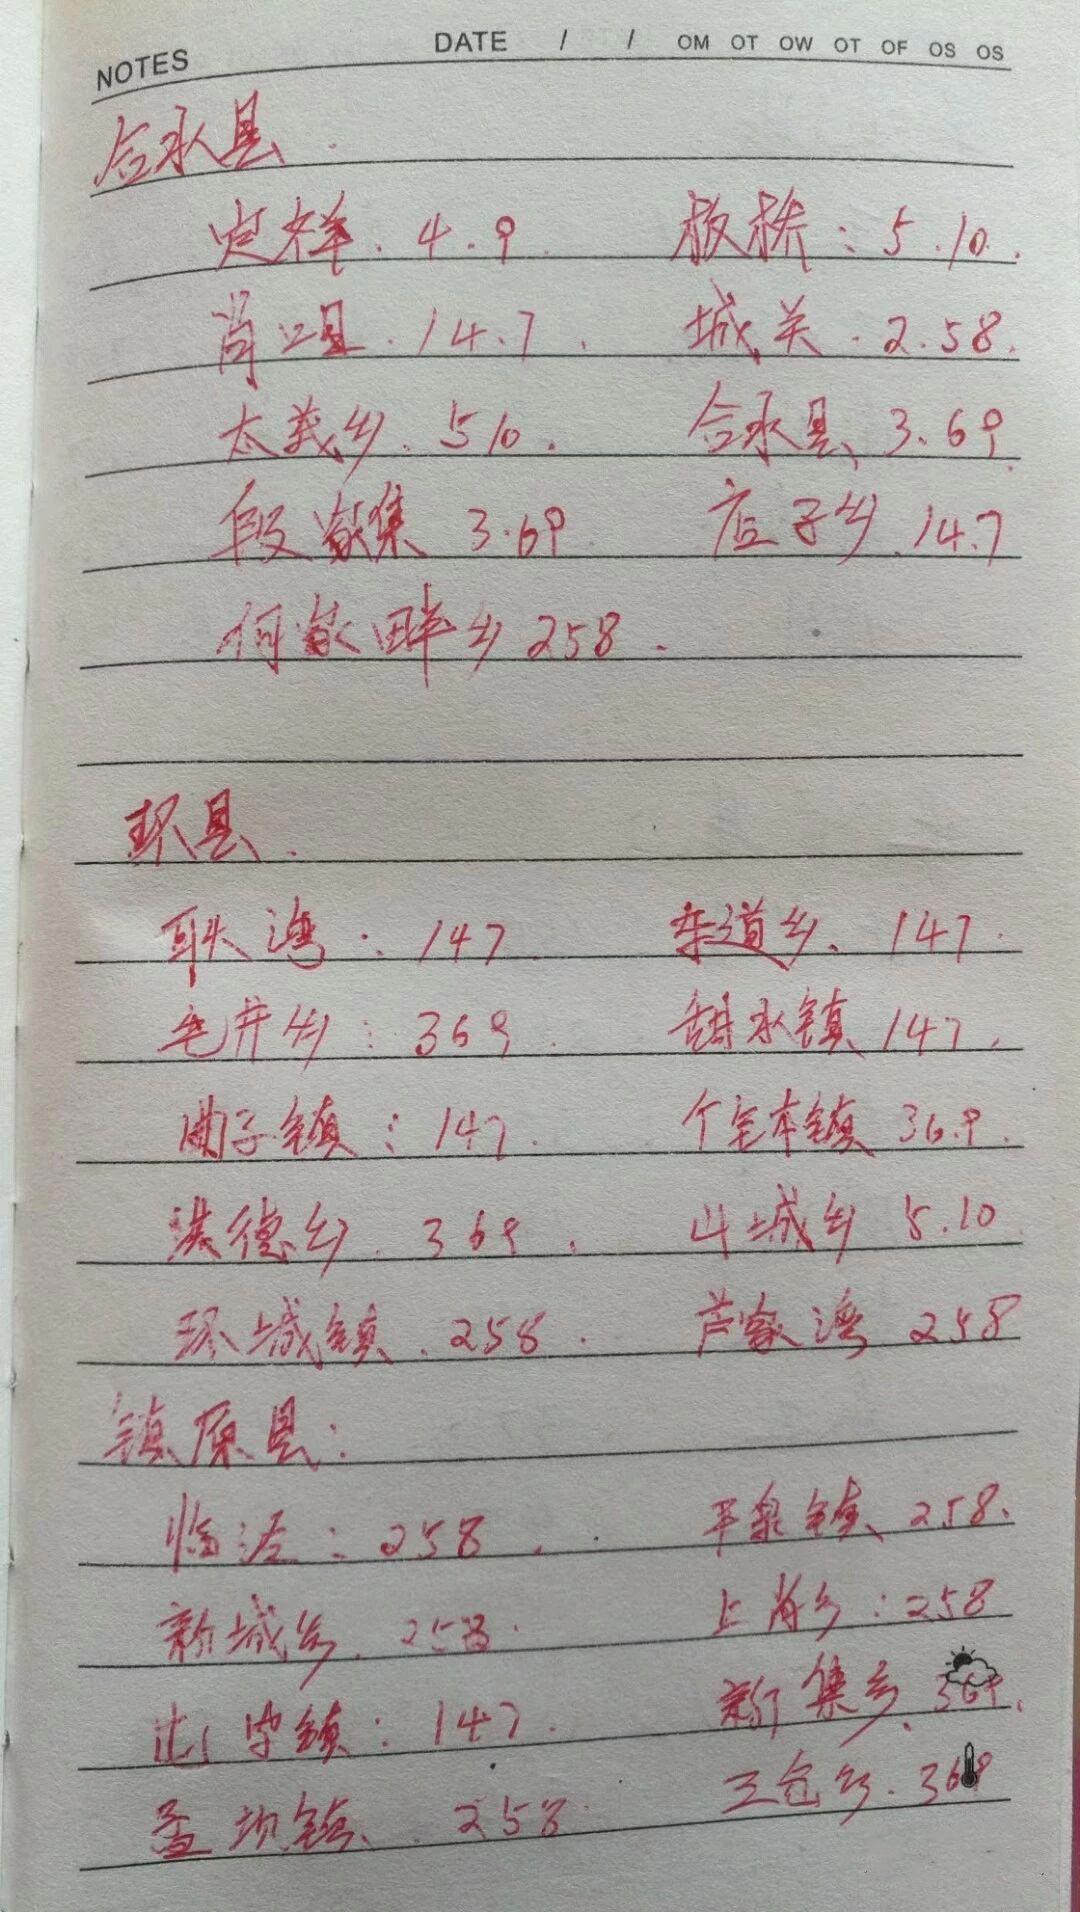 甘肃庆阳各县及乡镇赶集时间表